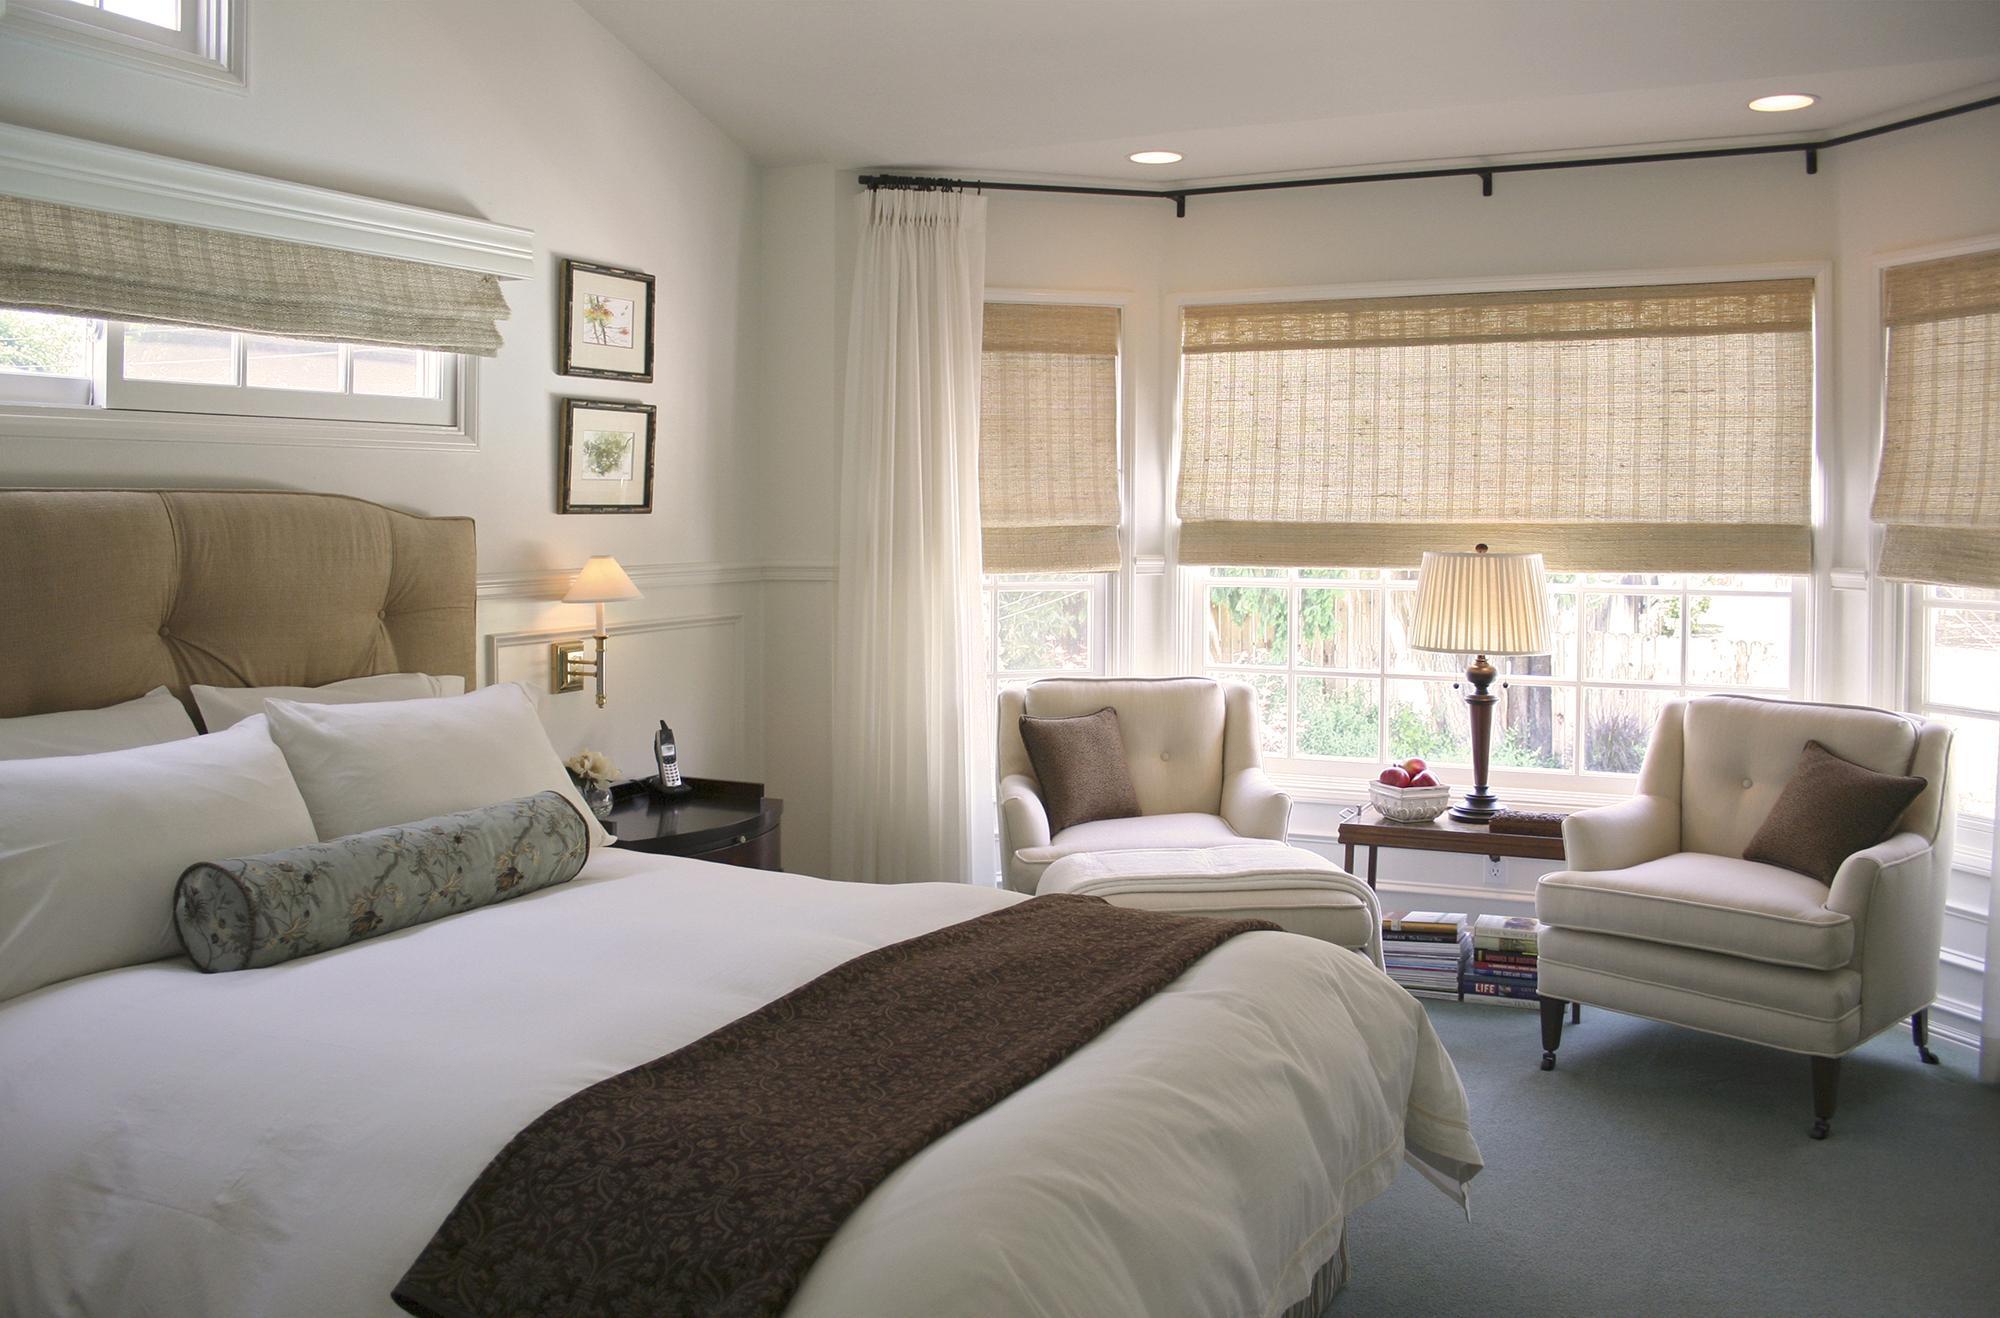 Светло-бежевые римские шторы в дизайне спальни